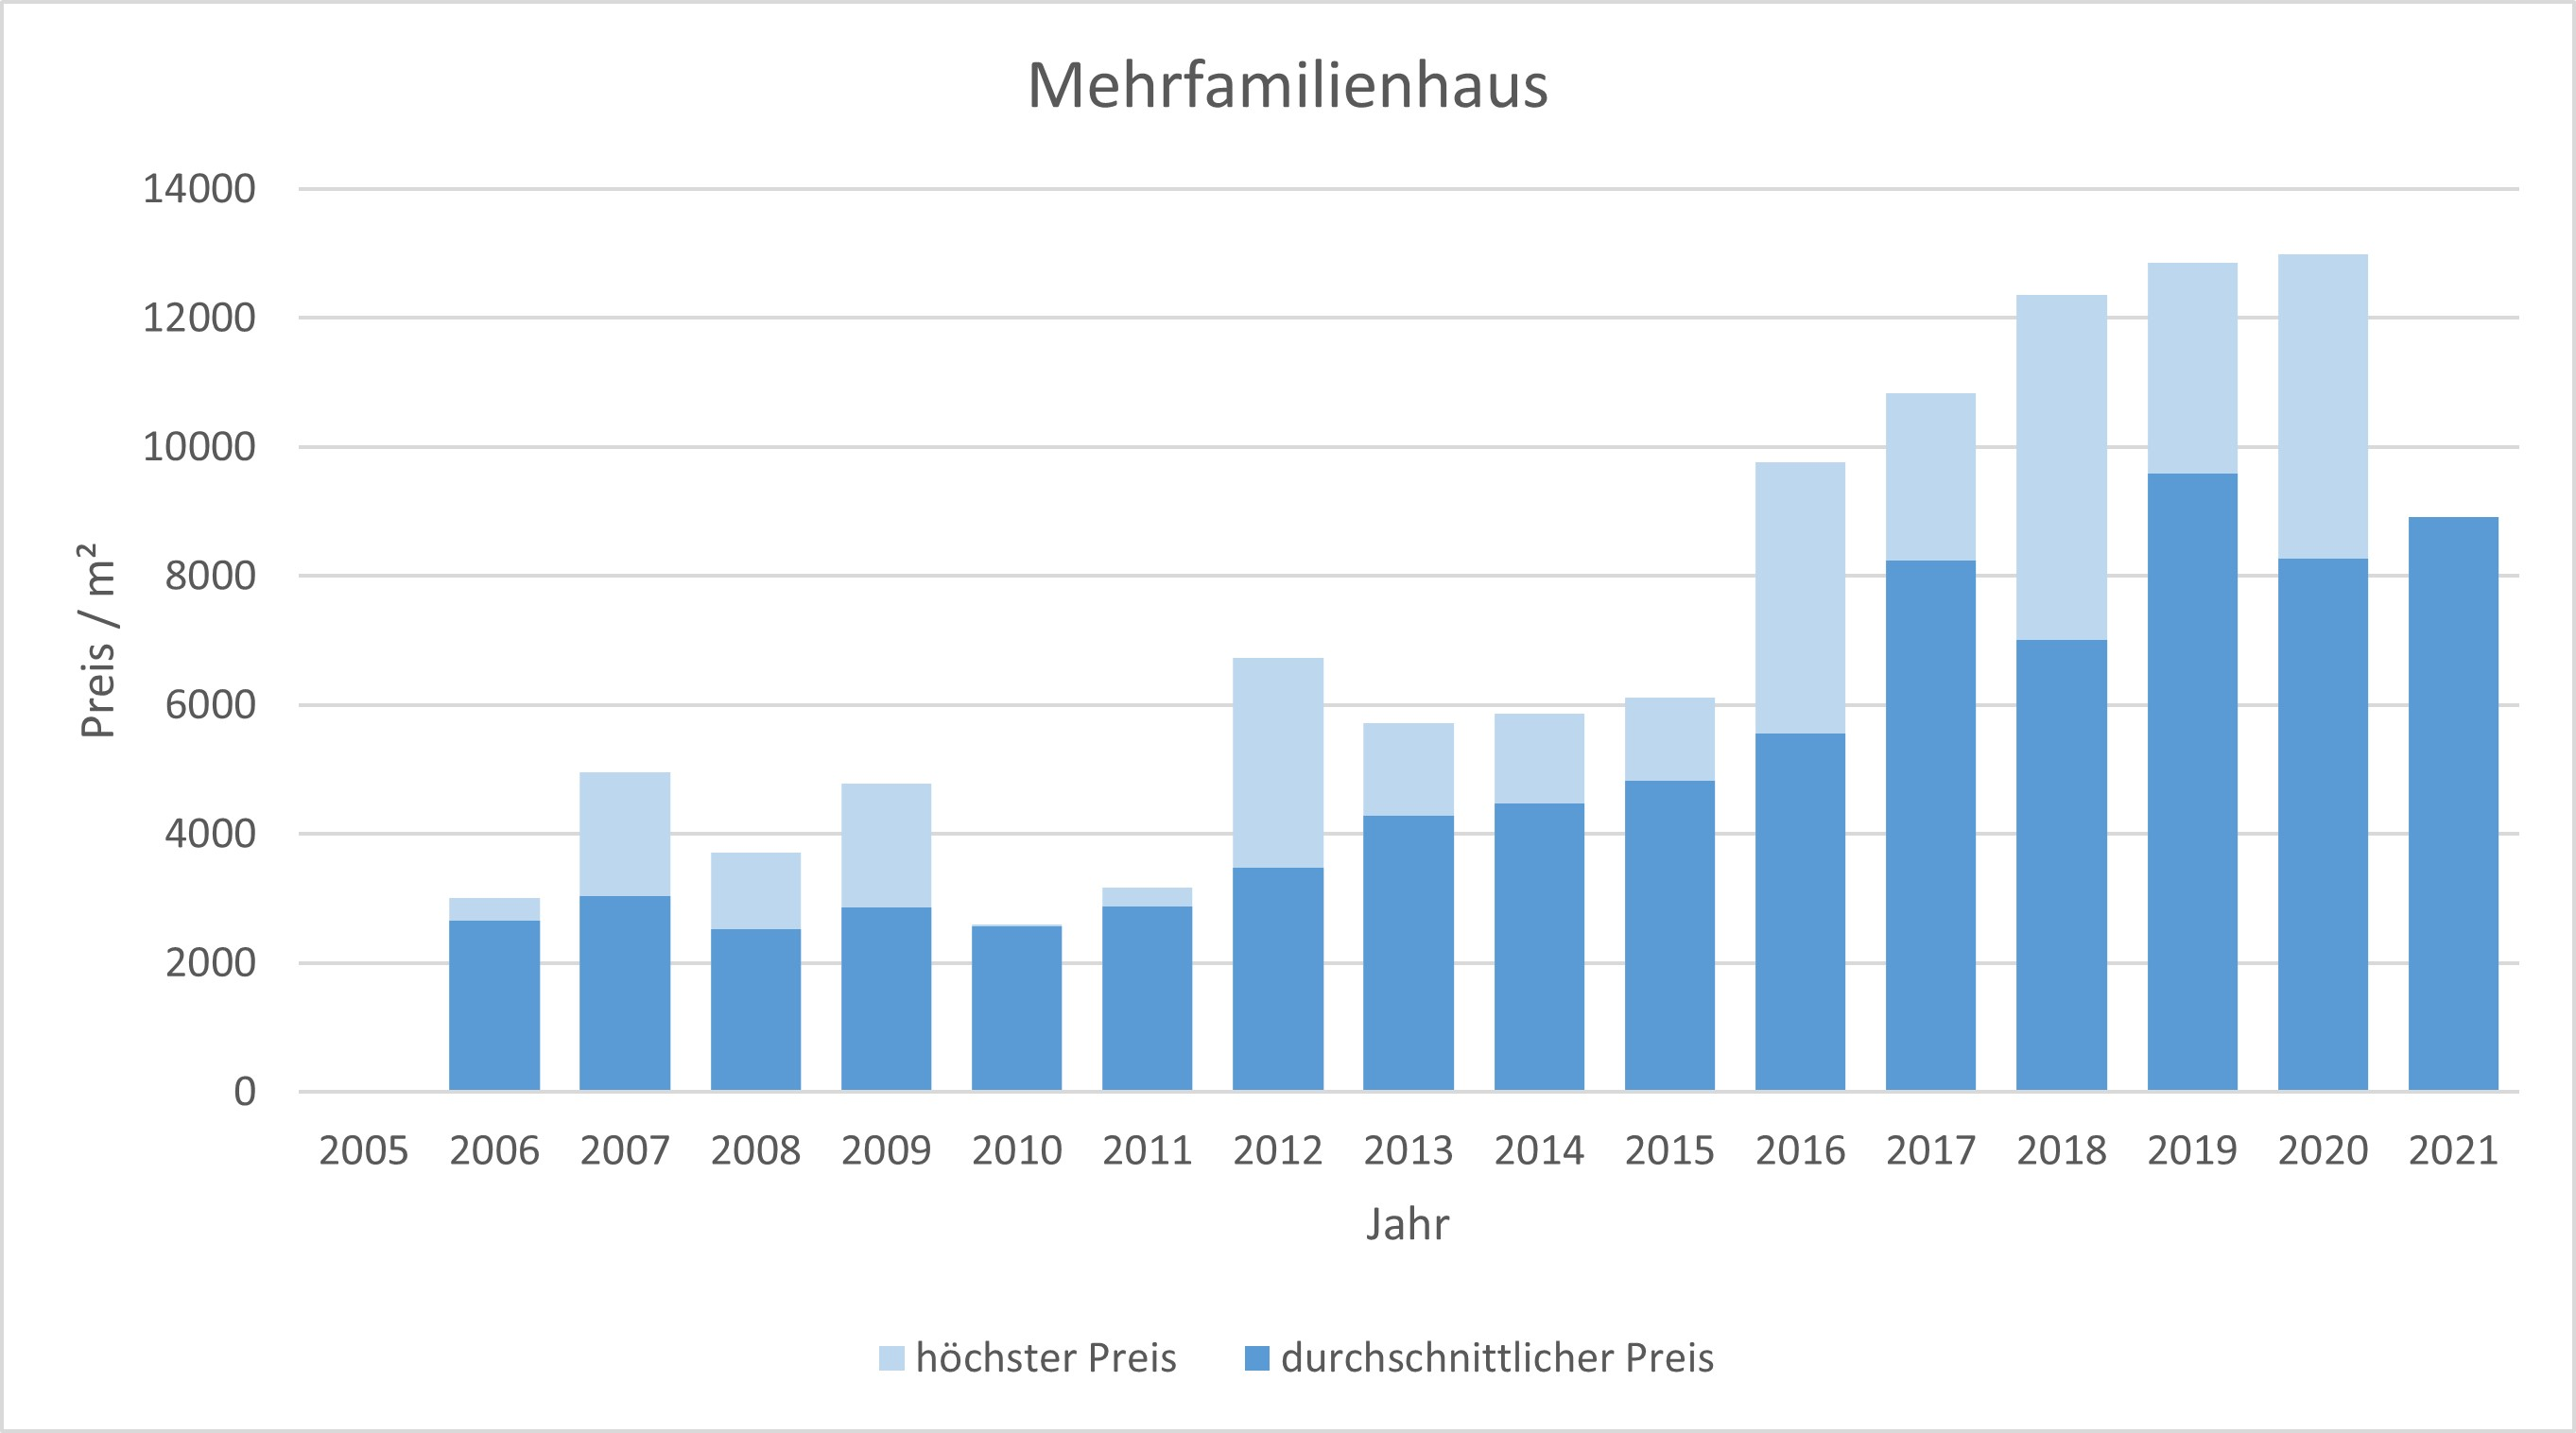 München - Obergiesing Mehrfamilienhaus kaufen verkaufen Preis Bewertung 2019 2020 2021 Makler www.happy-immo.de